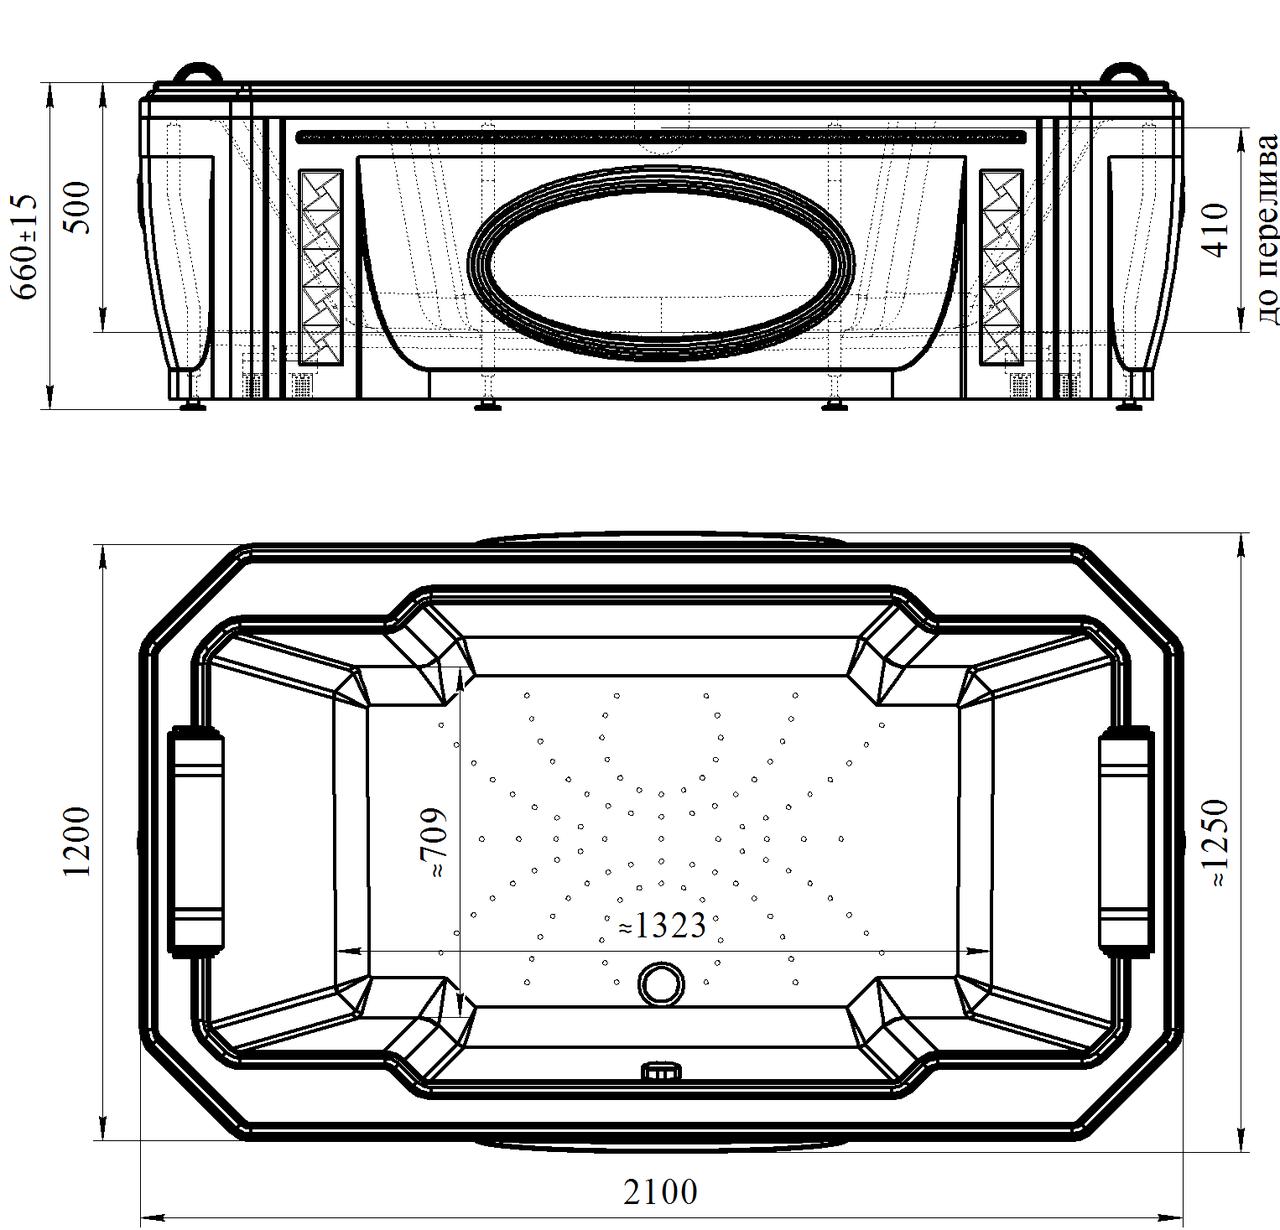 Фото 71: Акриловая ванна без системы гидромассажа Радомир (Fra Grande) Фонтенбло встраиваемая